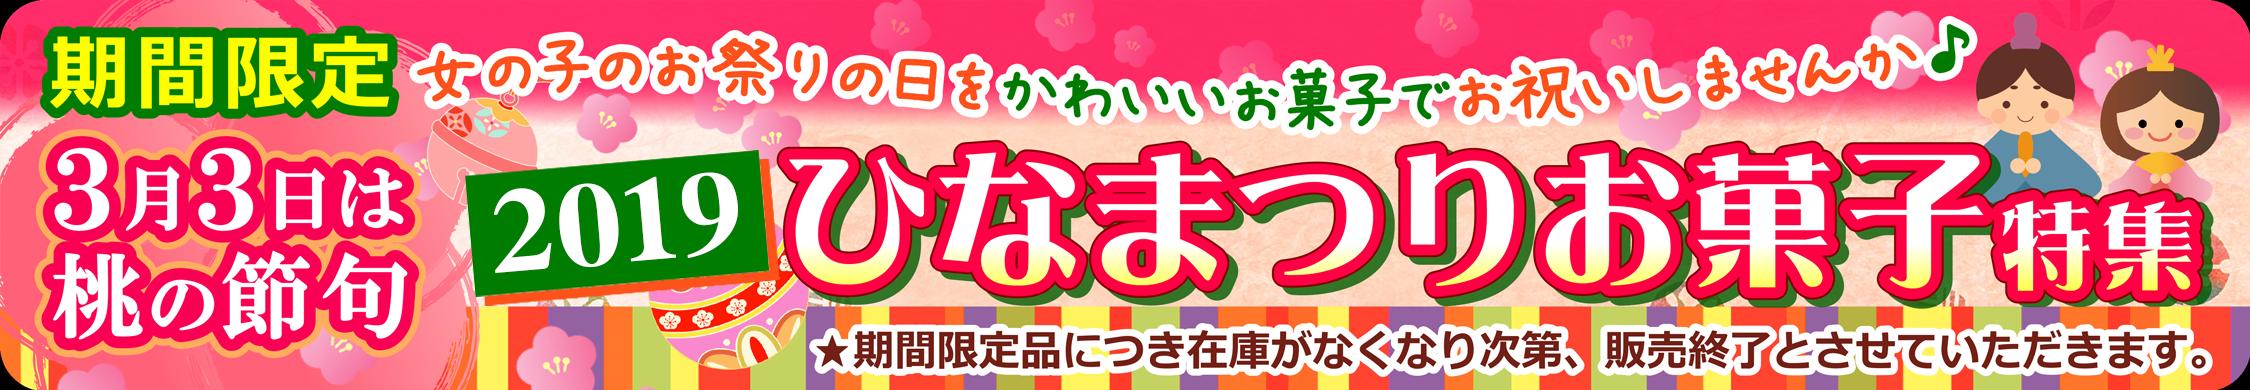 3月3日は桃の節句♪女の子のお祭りをカワイイひなまつり限定お菓子でお祝いしませんか♪